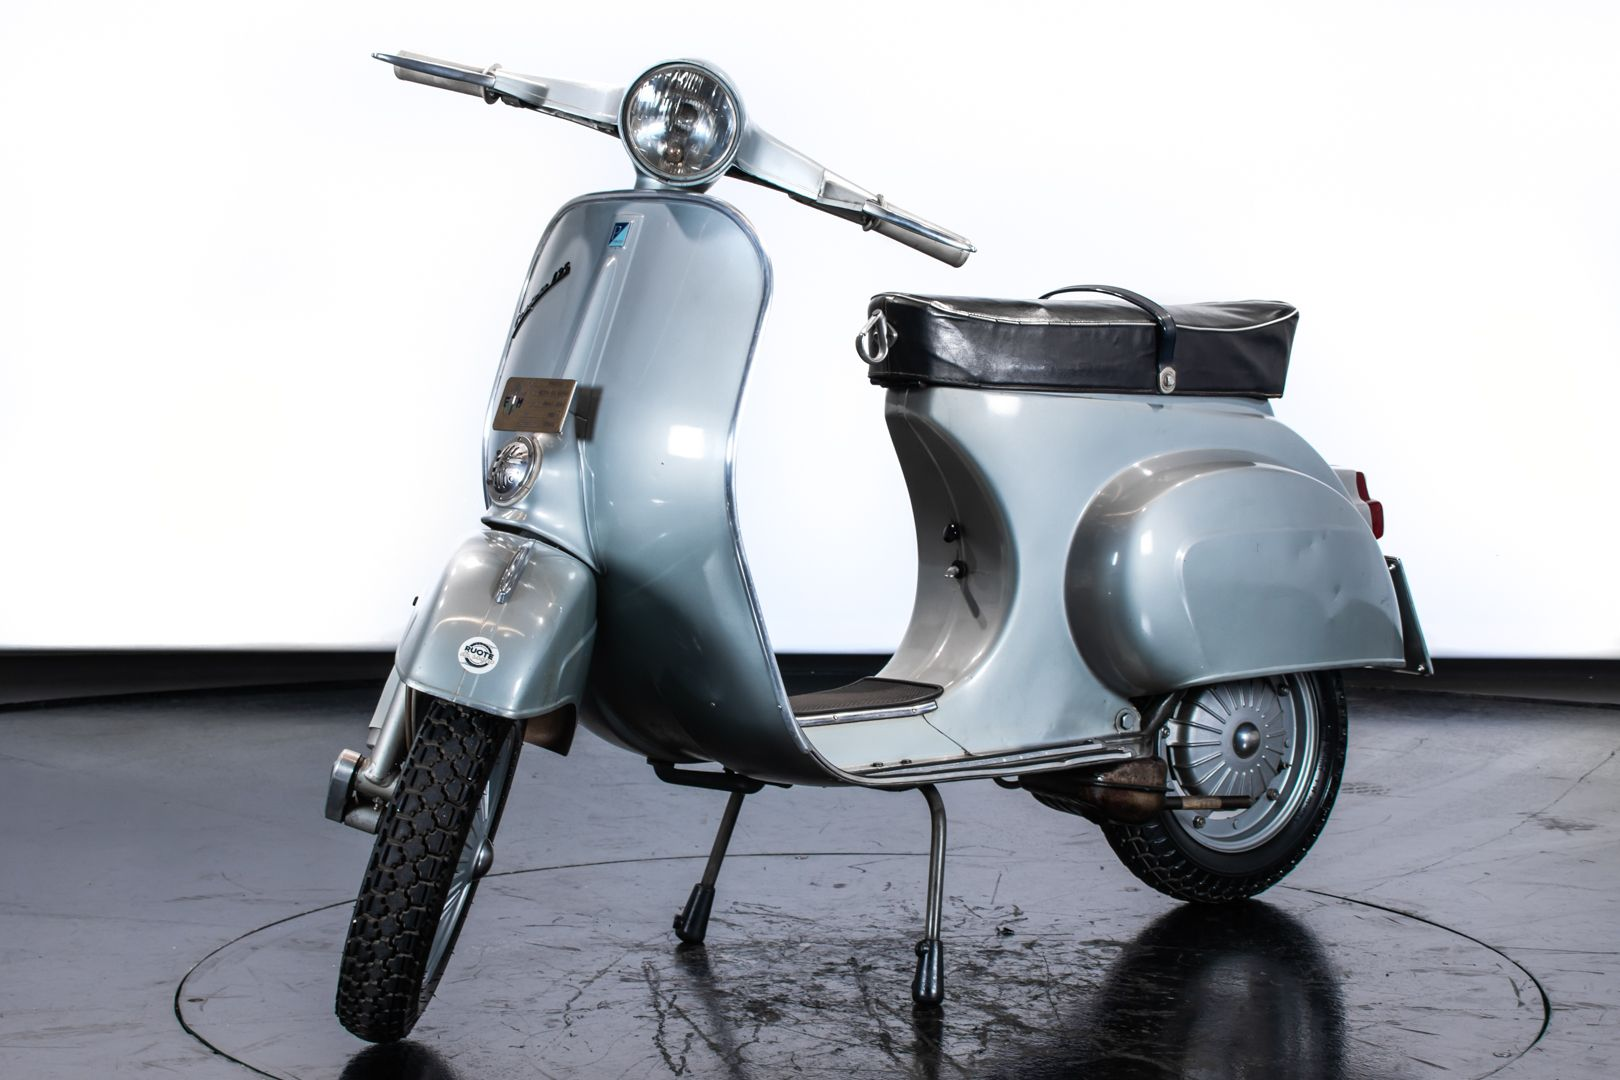 1965 Piaggio Vespa 125 VMA 78327